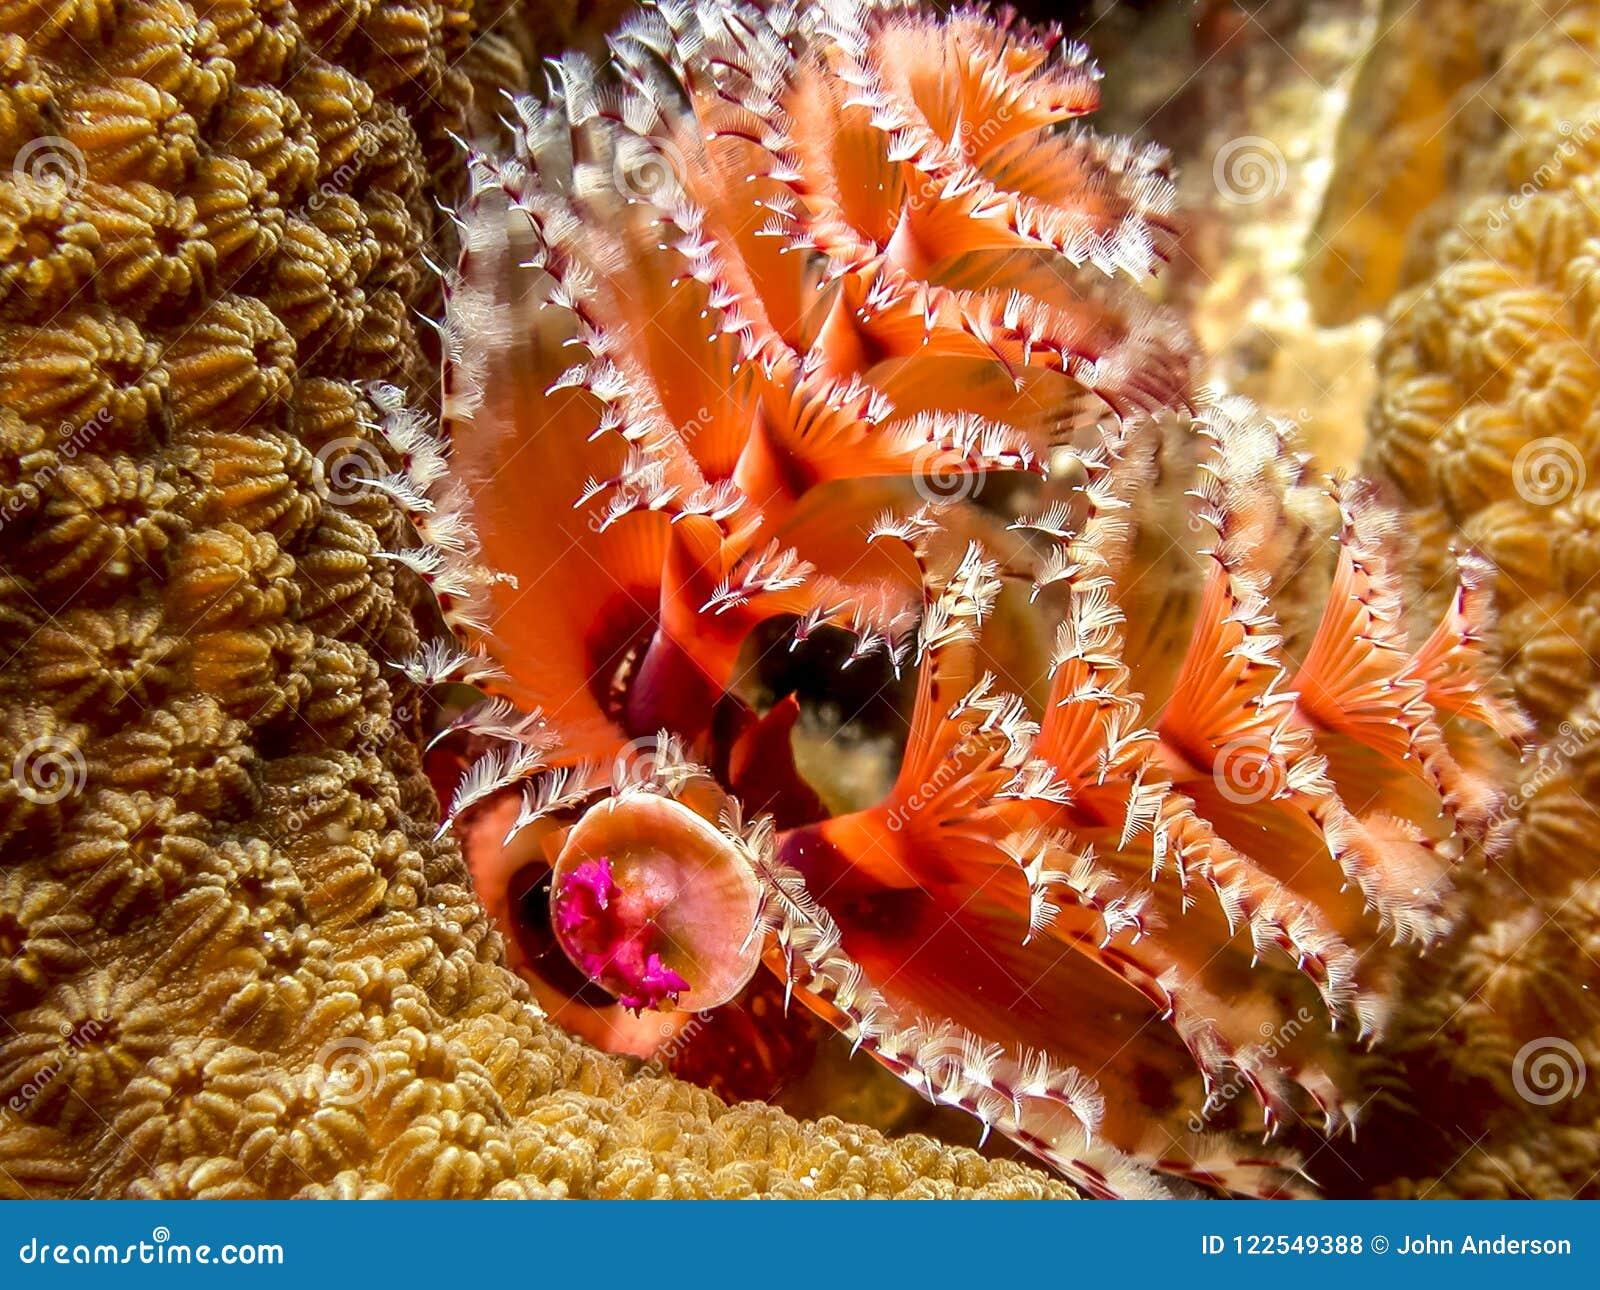 Christmas Tree Worm.Christmas Tree Worm Stock Photo Image Of Christmas 122549388